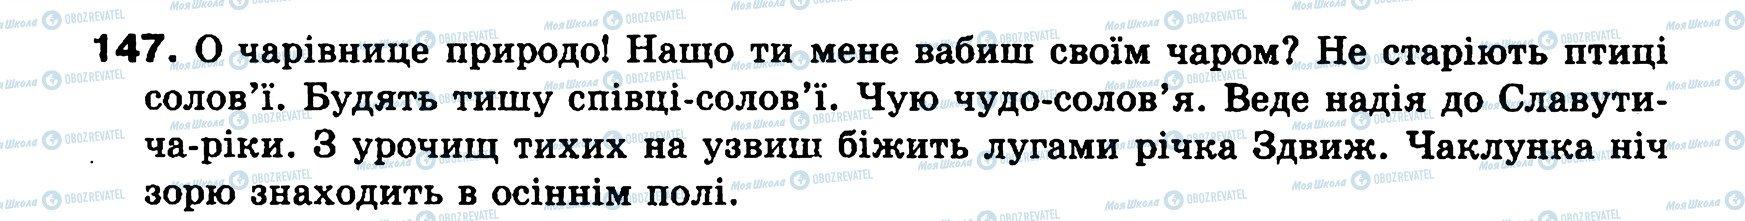 ГДЗ Українська мова 8 клас сторінка 147